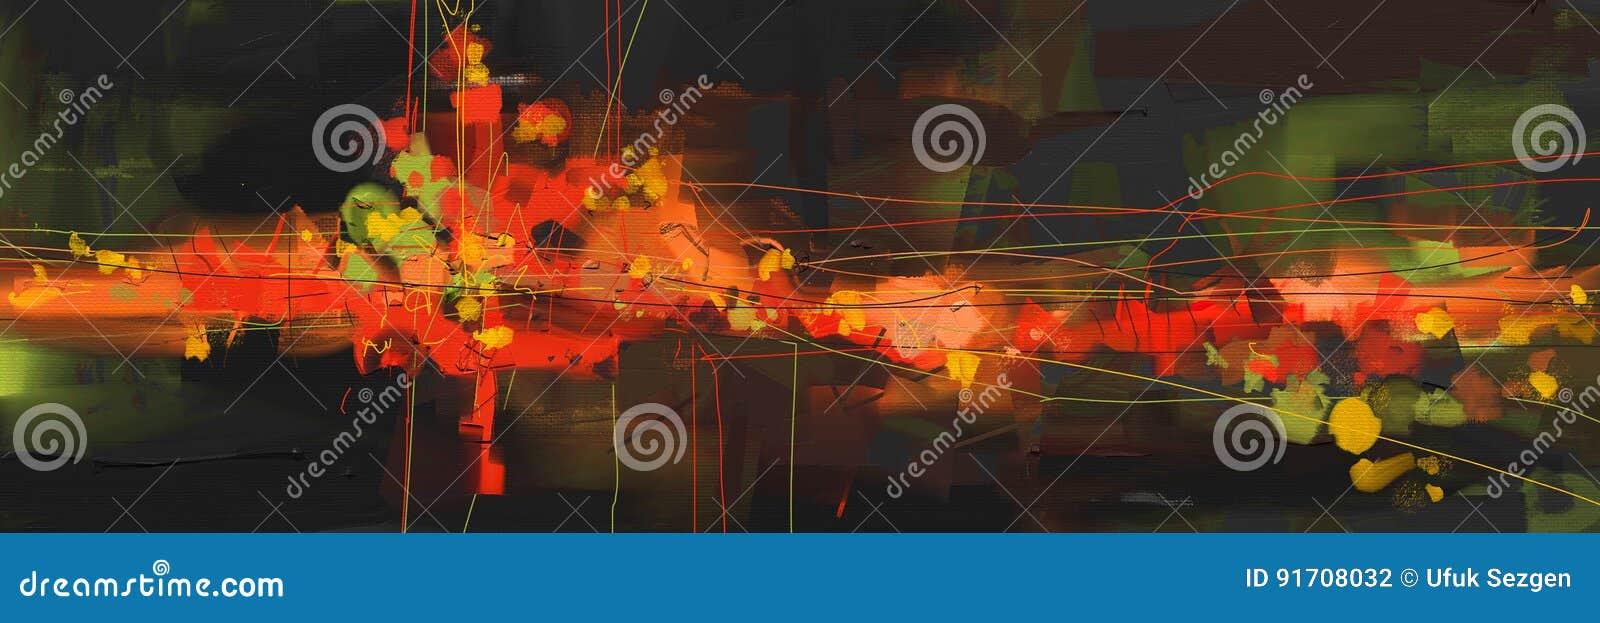 Arte finala abstrata do estilo da pintura a óleo na lona